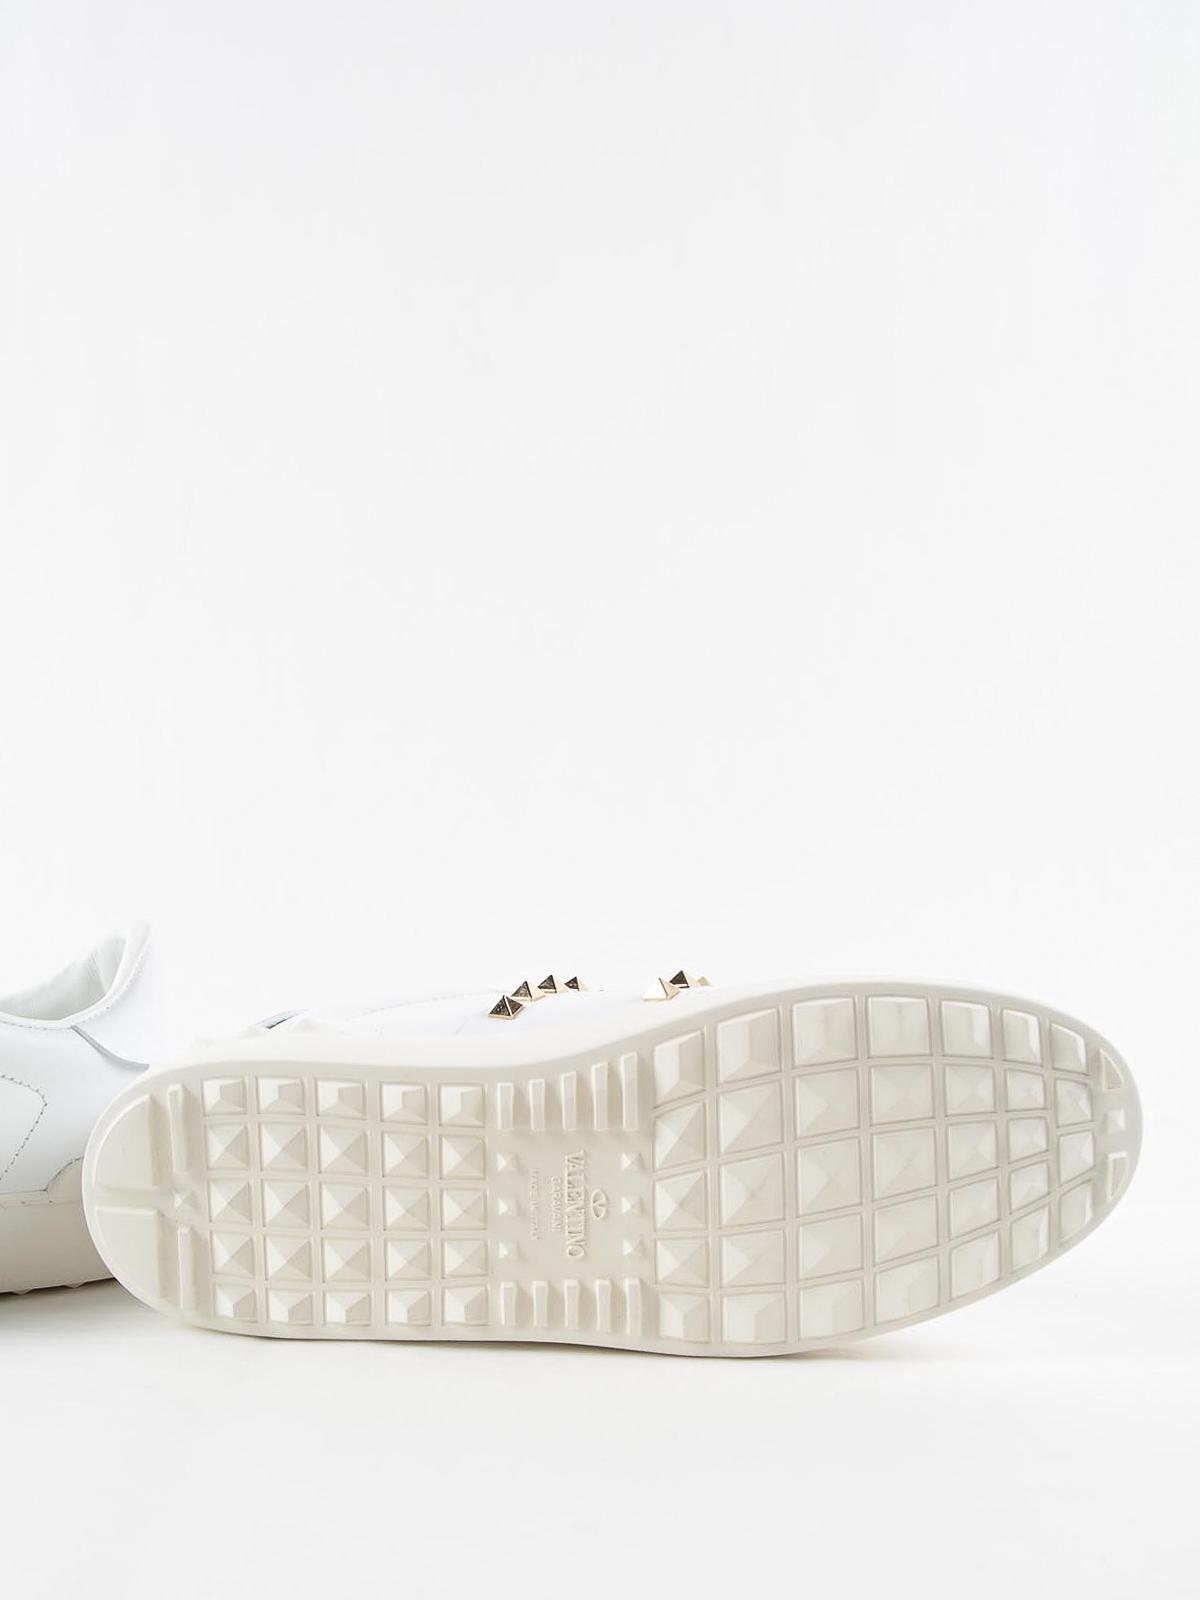 4e9308f6980b Valentino Garavani - 11. Rockstud Untitled sneakers - trainers ...